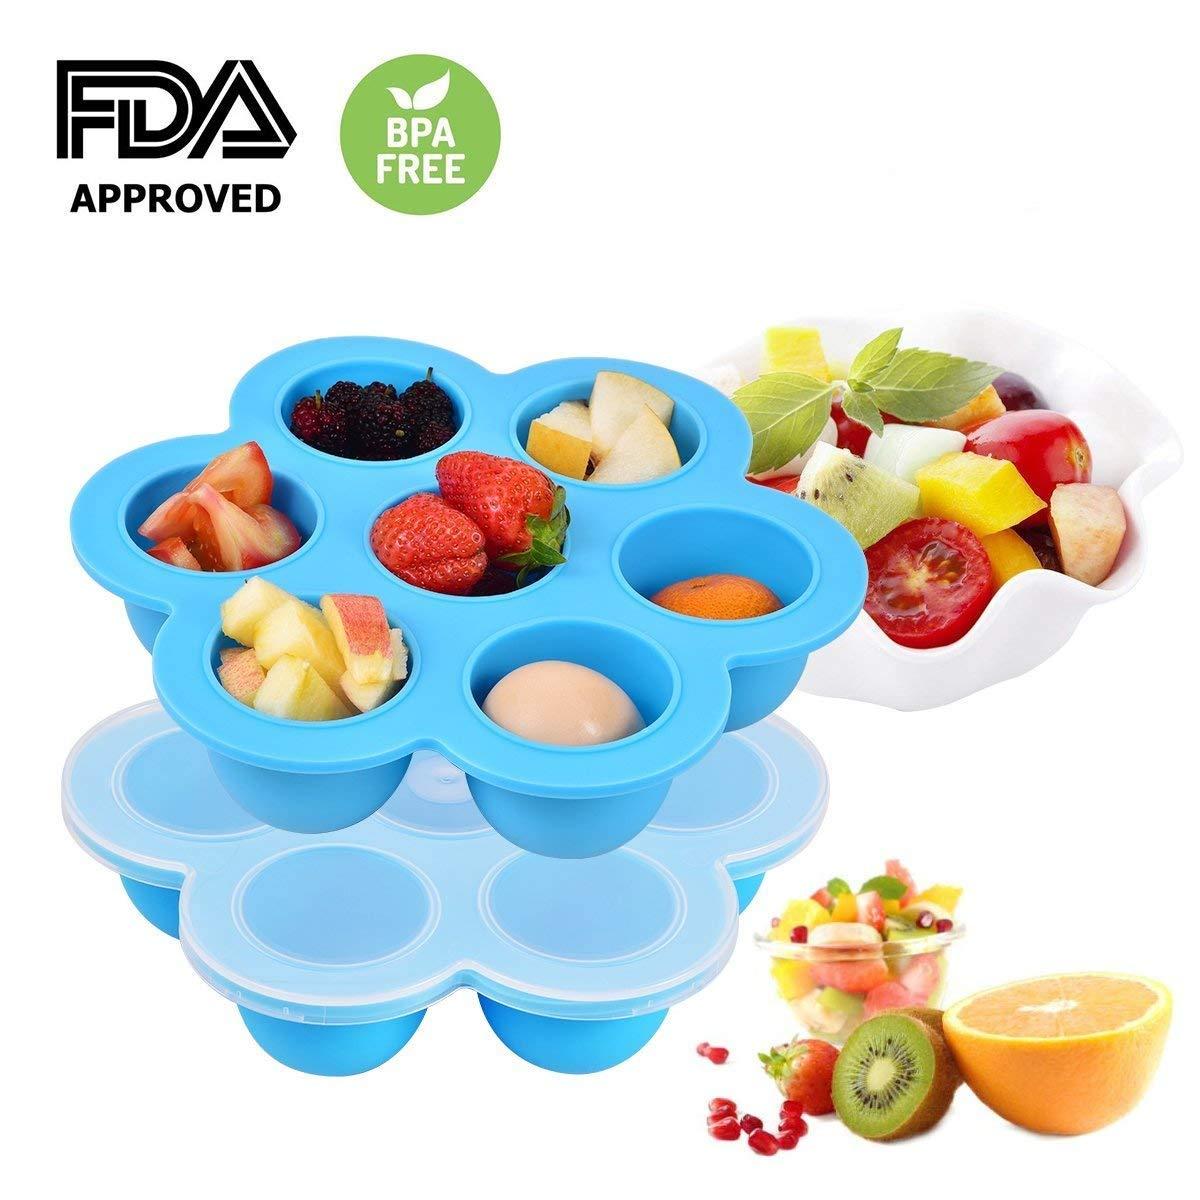 Silikon Babynahrung Aufbewahrung,Adkwse Mehrzweck Einfrieren Babybrei mit Auslaufsicherem Verschluss BPA-frei & FDA zugelassen, Silikon Gefrierform zum Einfrieren, Aufbewahren und Backen. (Blau)